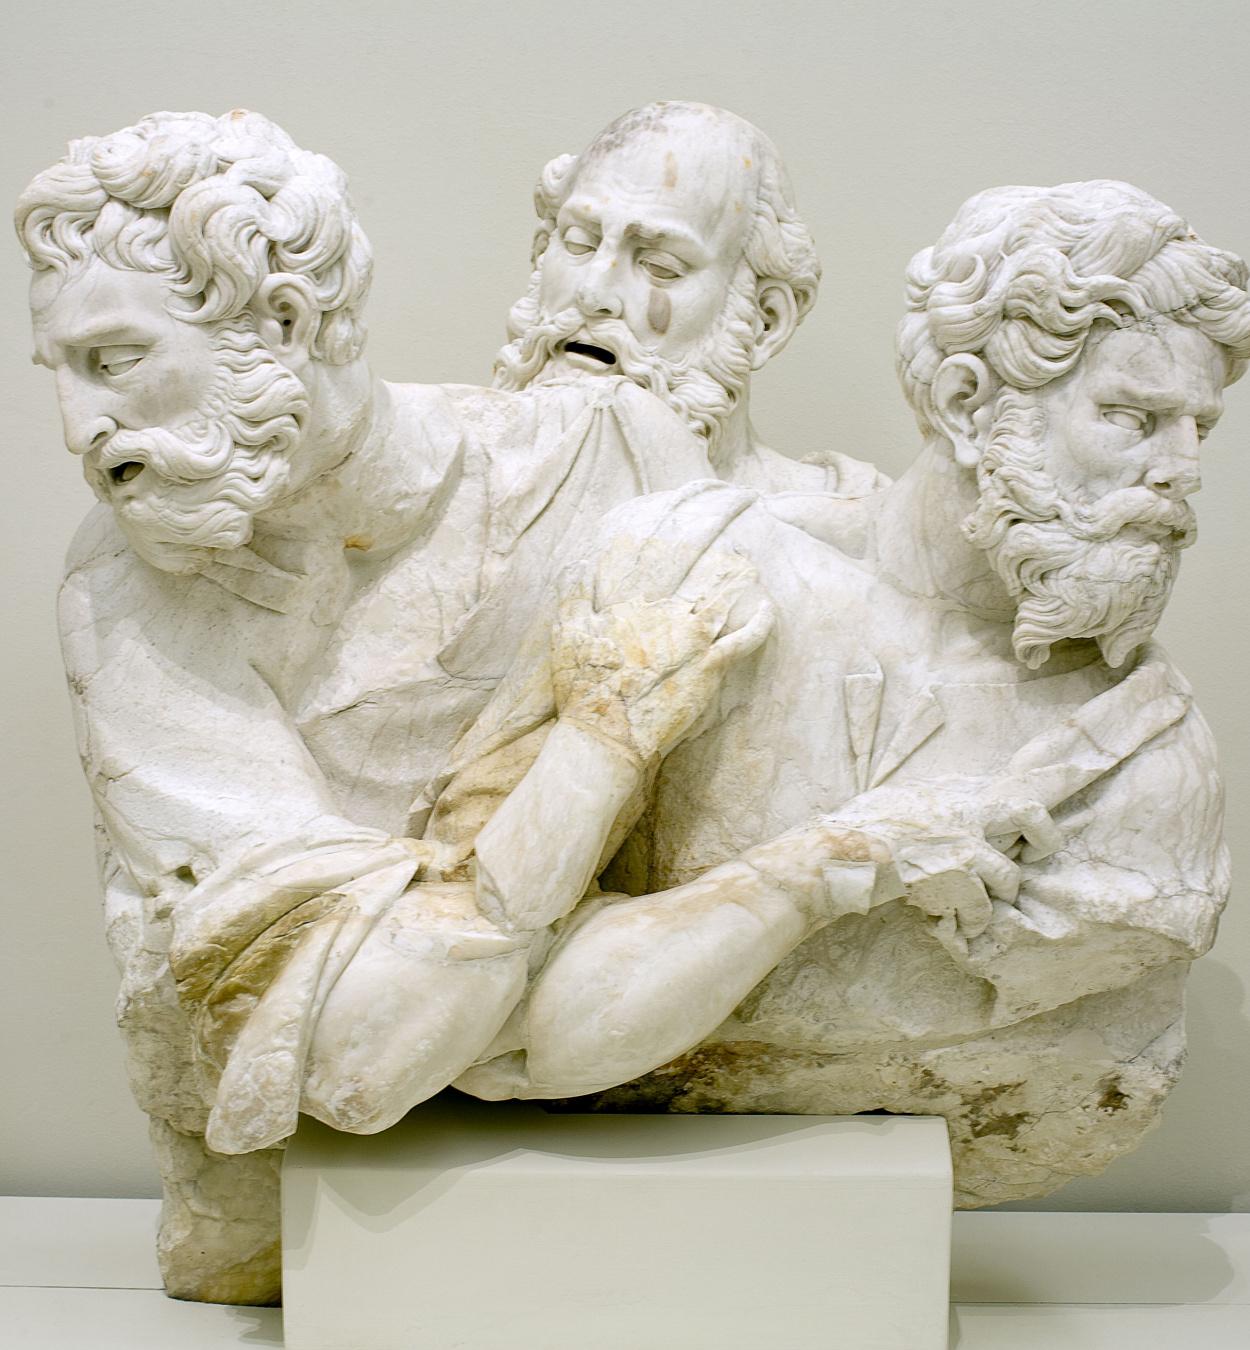 Damià Forment - Dormició de la Mare de Déu: Tres apòstols - 1534-1537